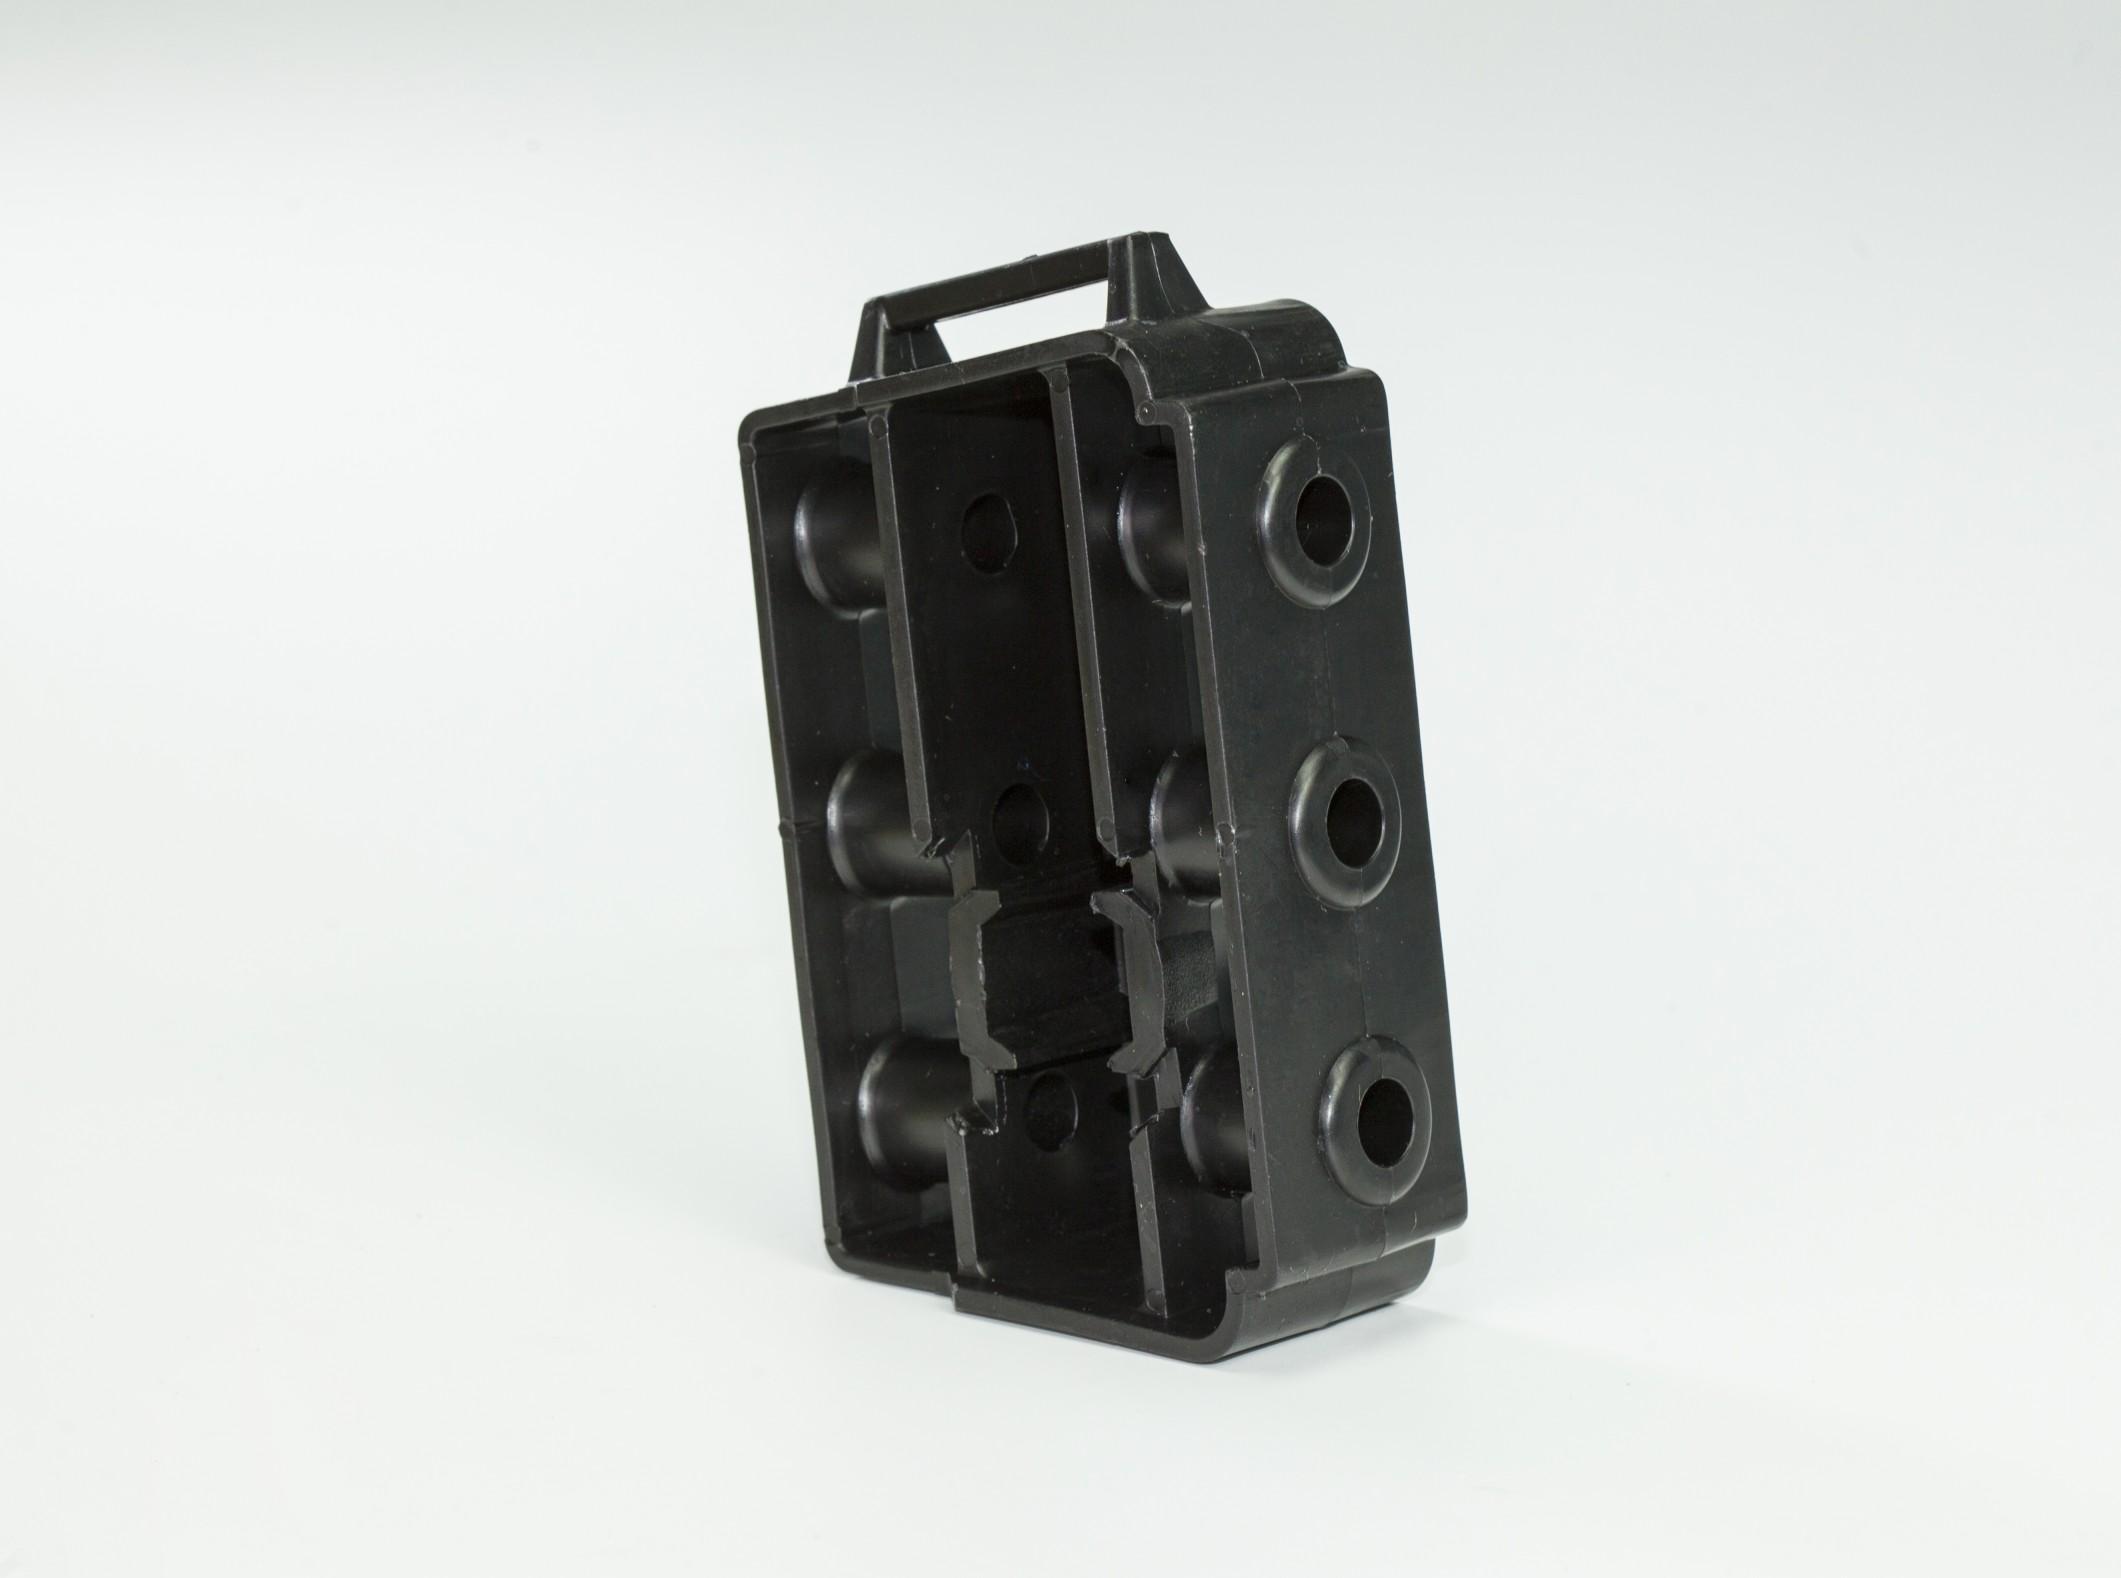 Baseta unificada para bombas Protecno y Extra. Encuéntrala en PROTECNO